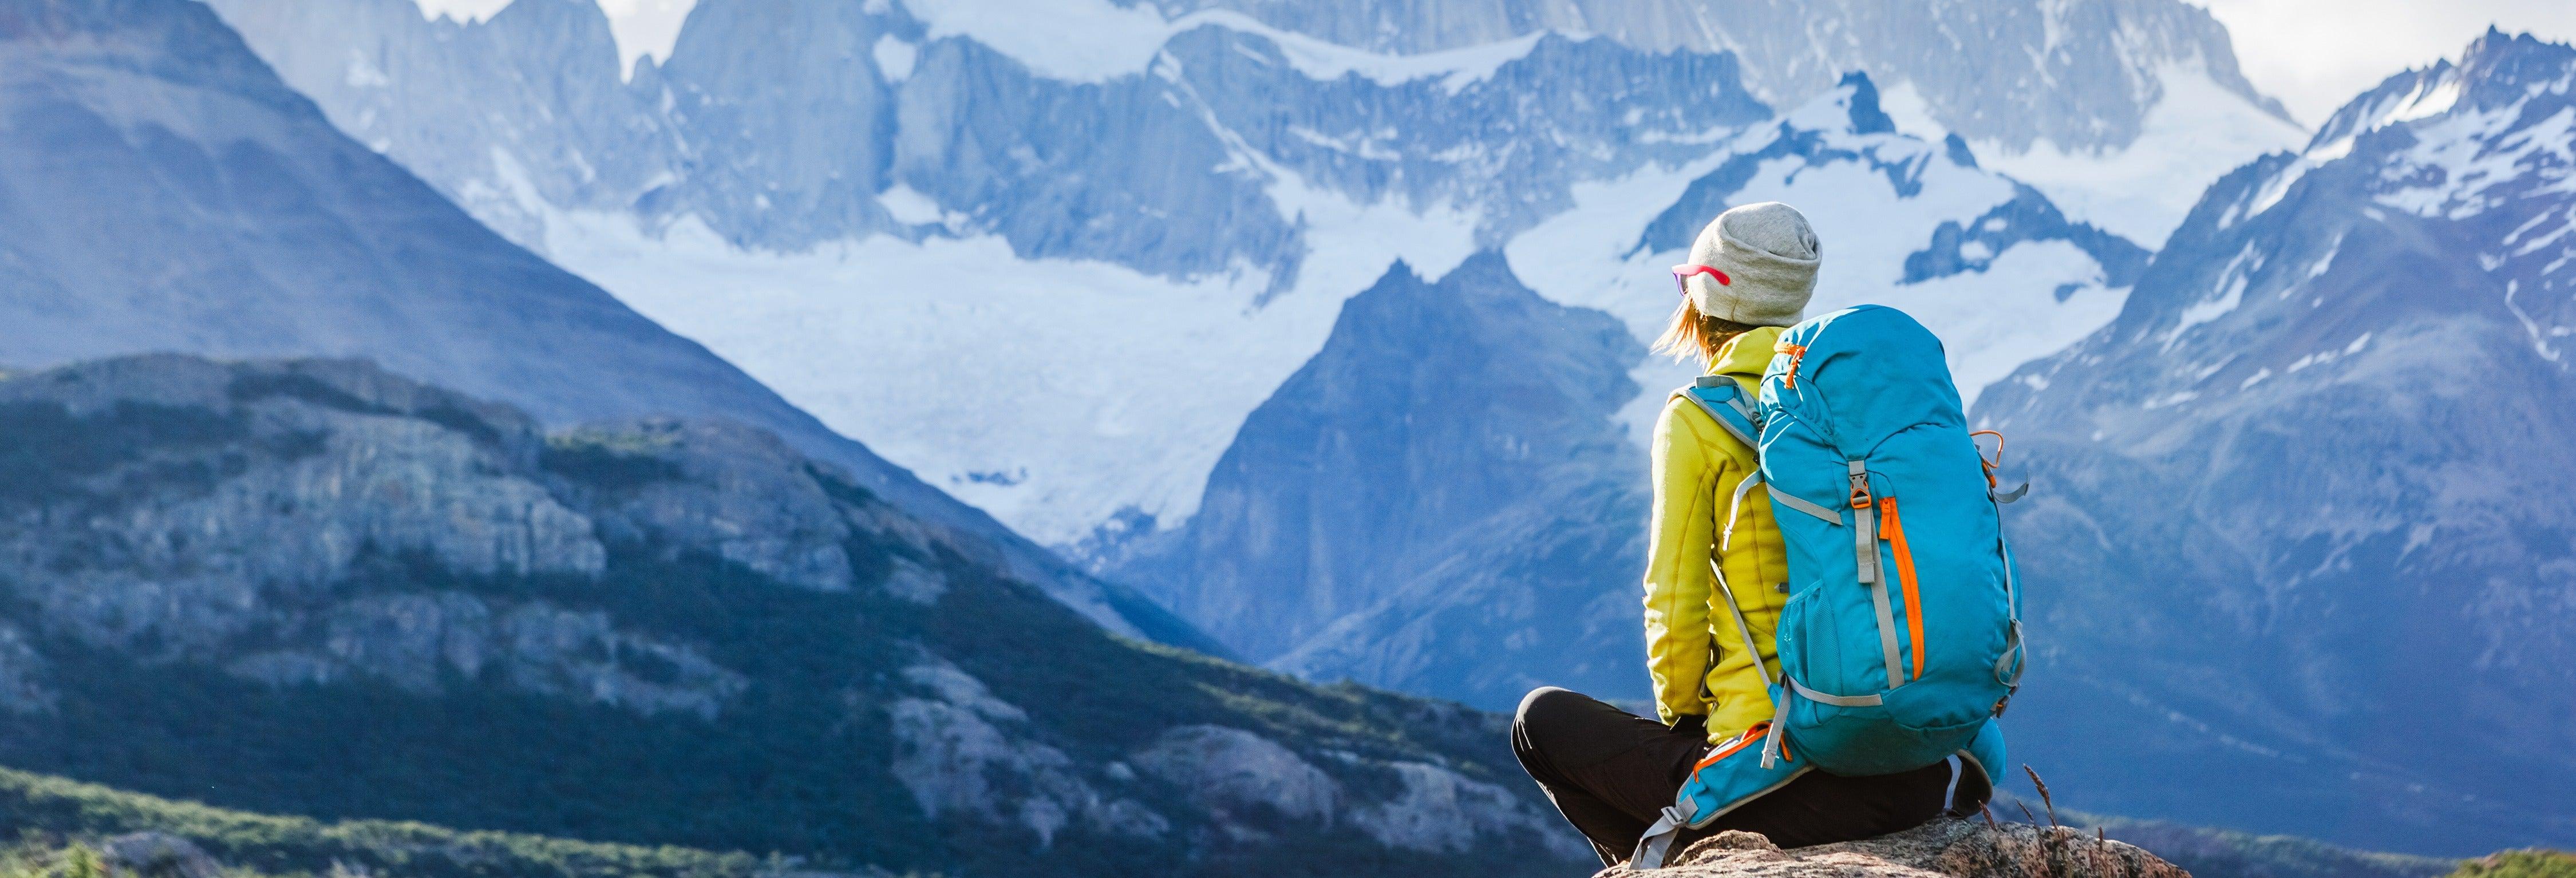 Trekking al Parco Nazionale Los Glaciares